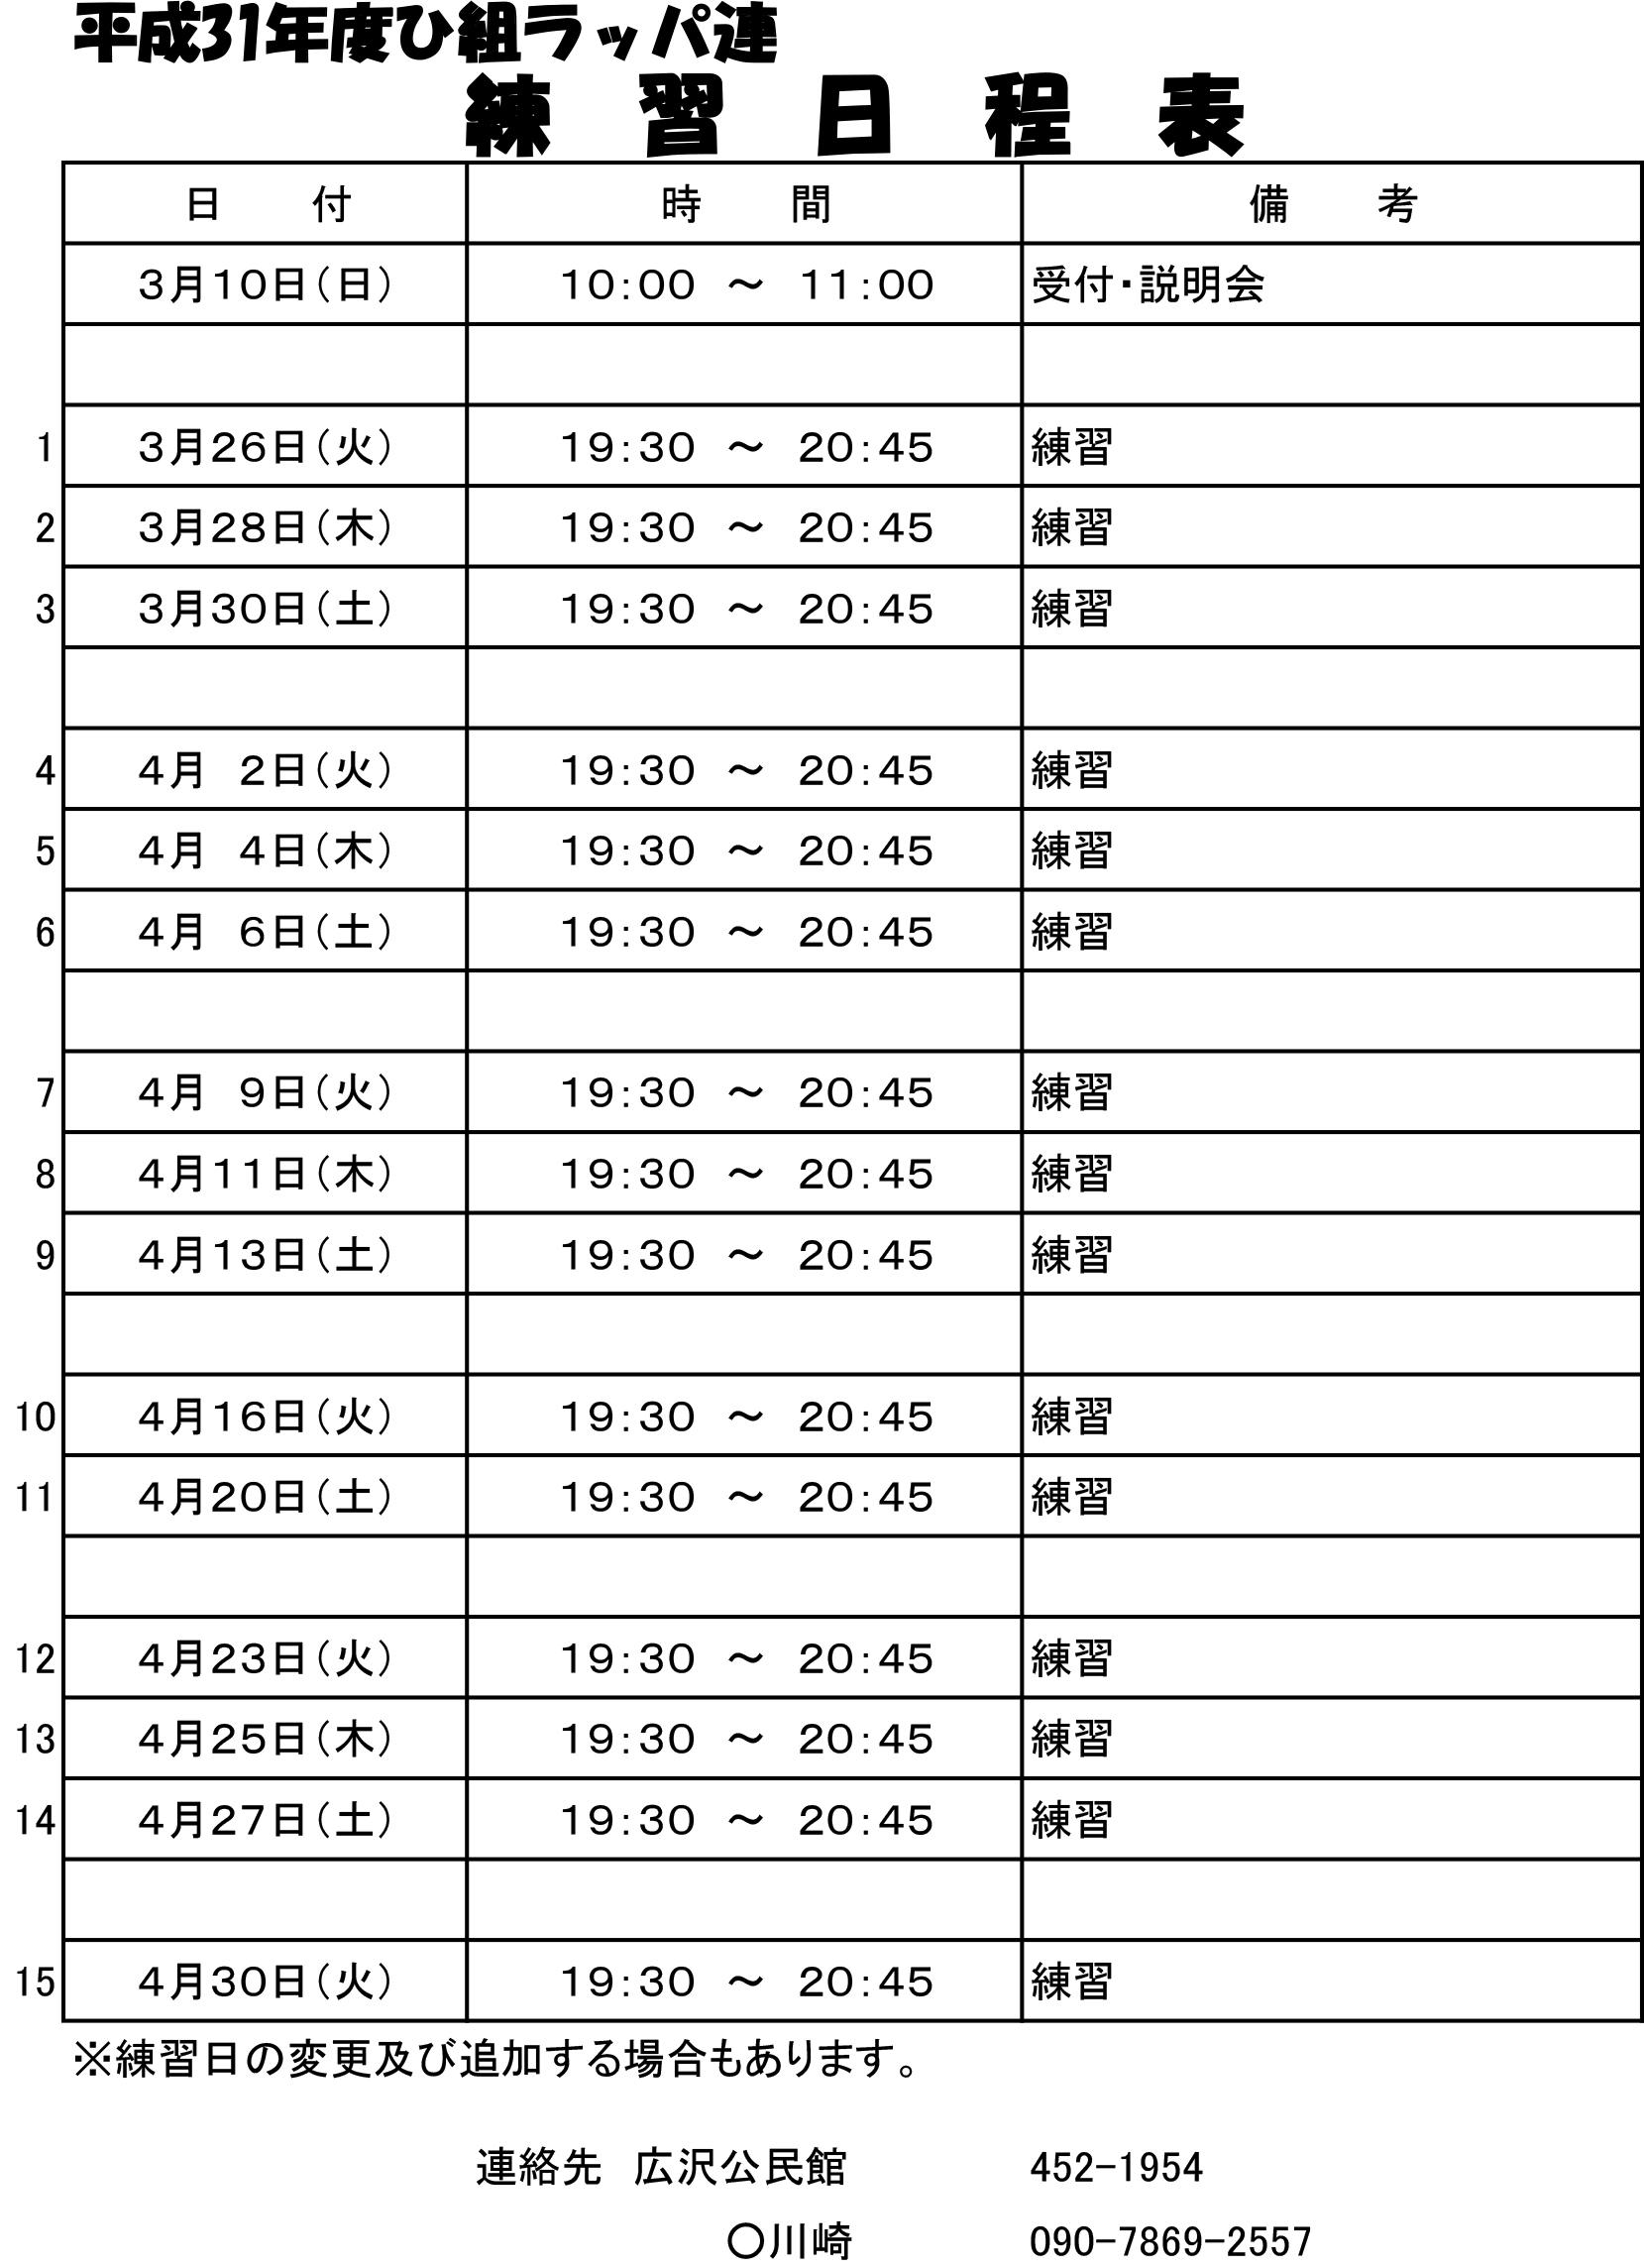 平成31年度浜松まつり 広沢町ひ組ラッパ連 練習日程表